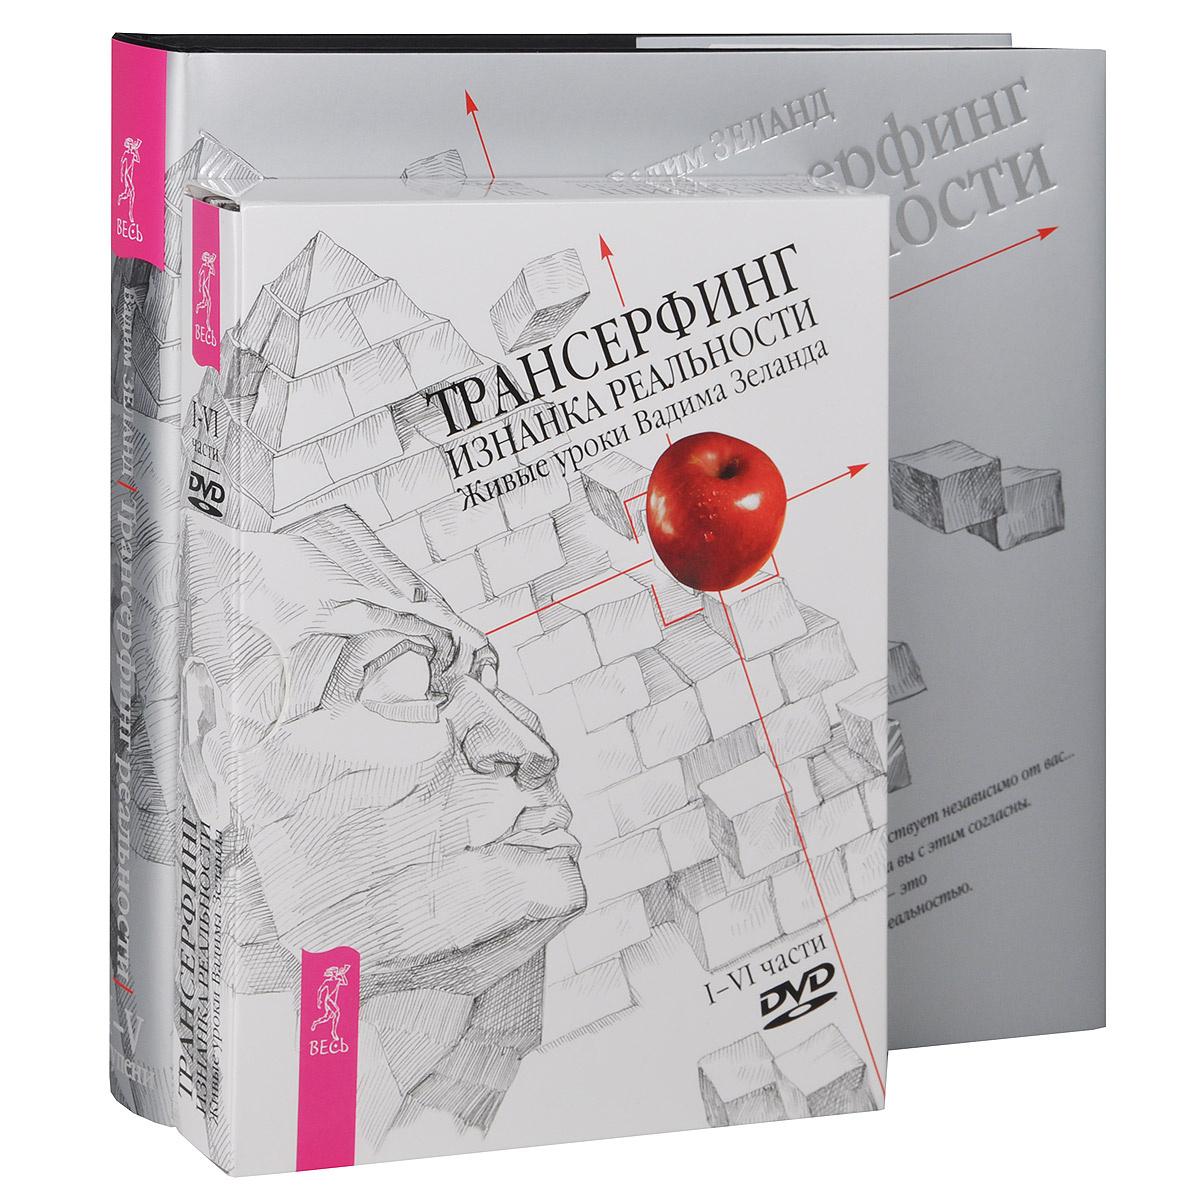 Трансерфинг реальности. 1-5 ступени (+ 4 DVD) | Зеланд Вадим #1